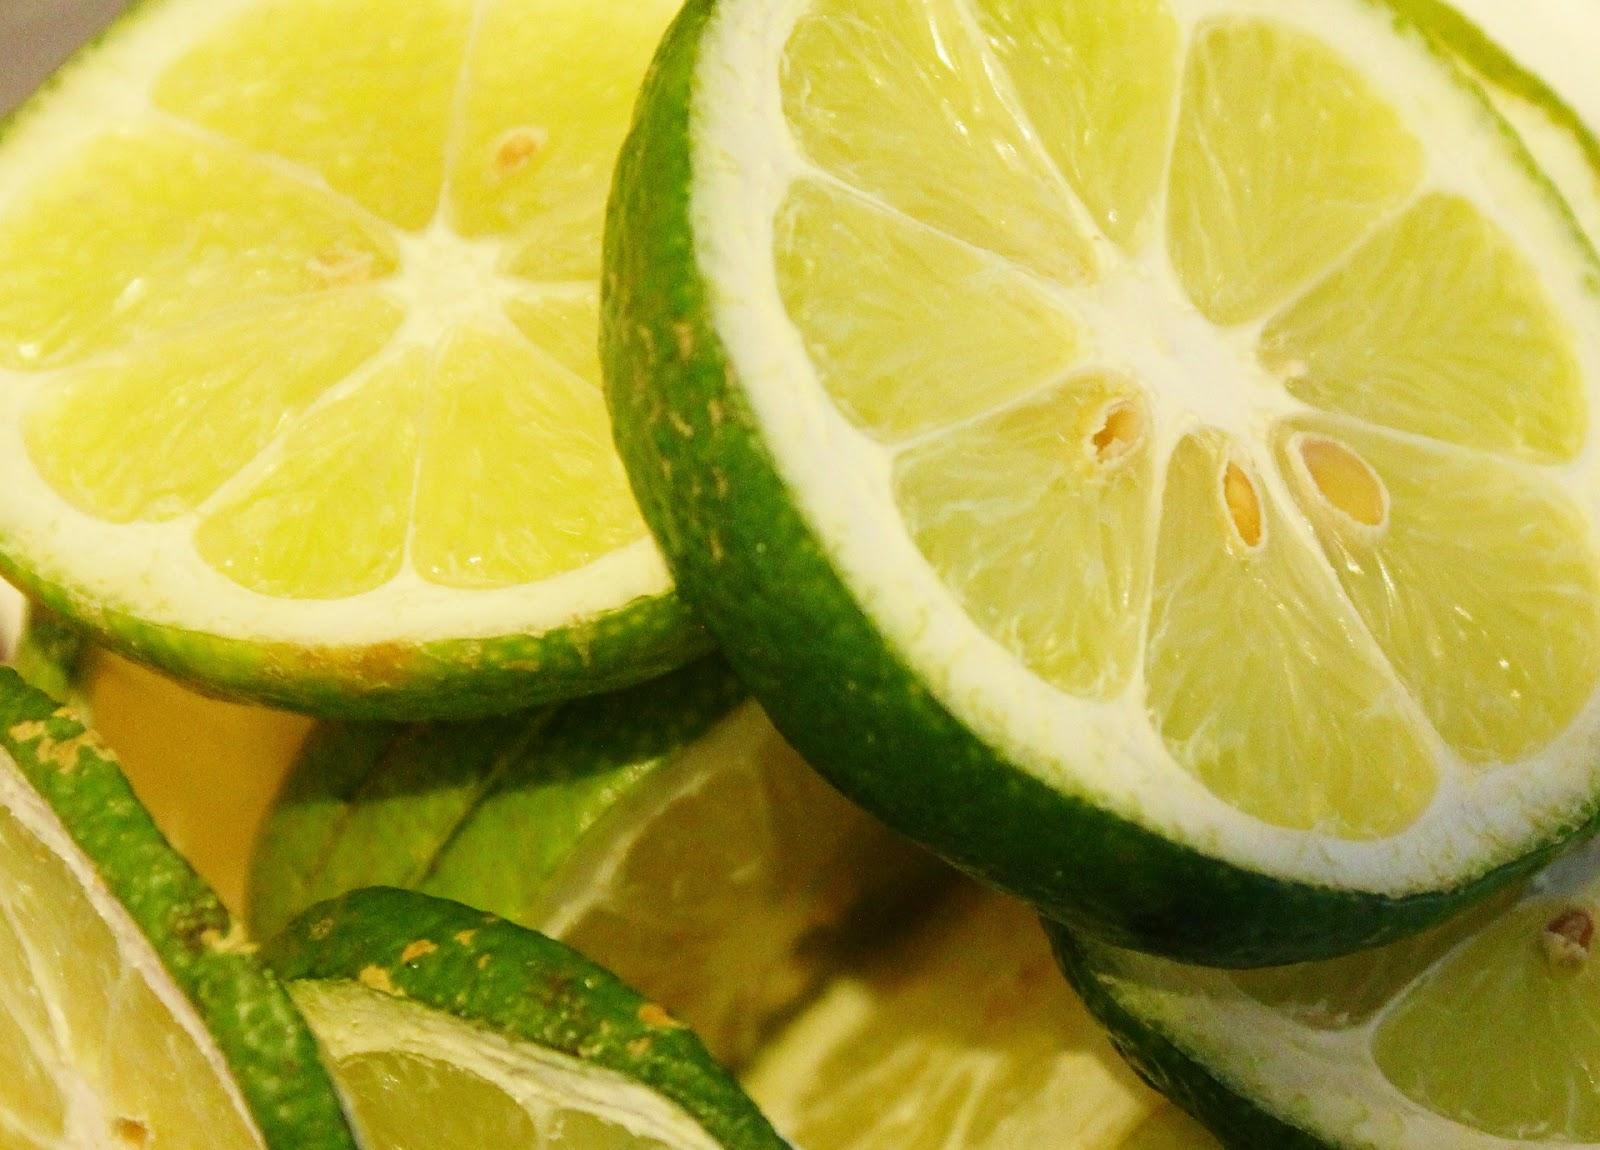 Πώς διατηρούνται τα κομμένα λεμόνια ή τα lime;